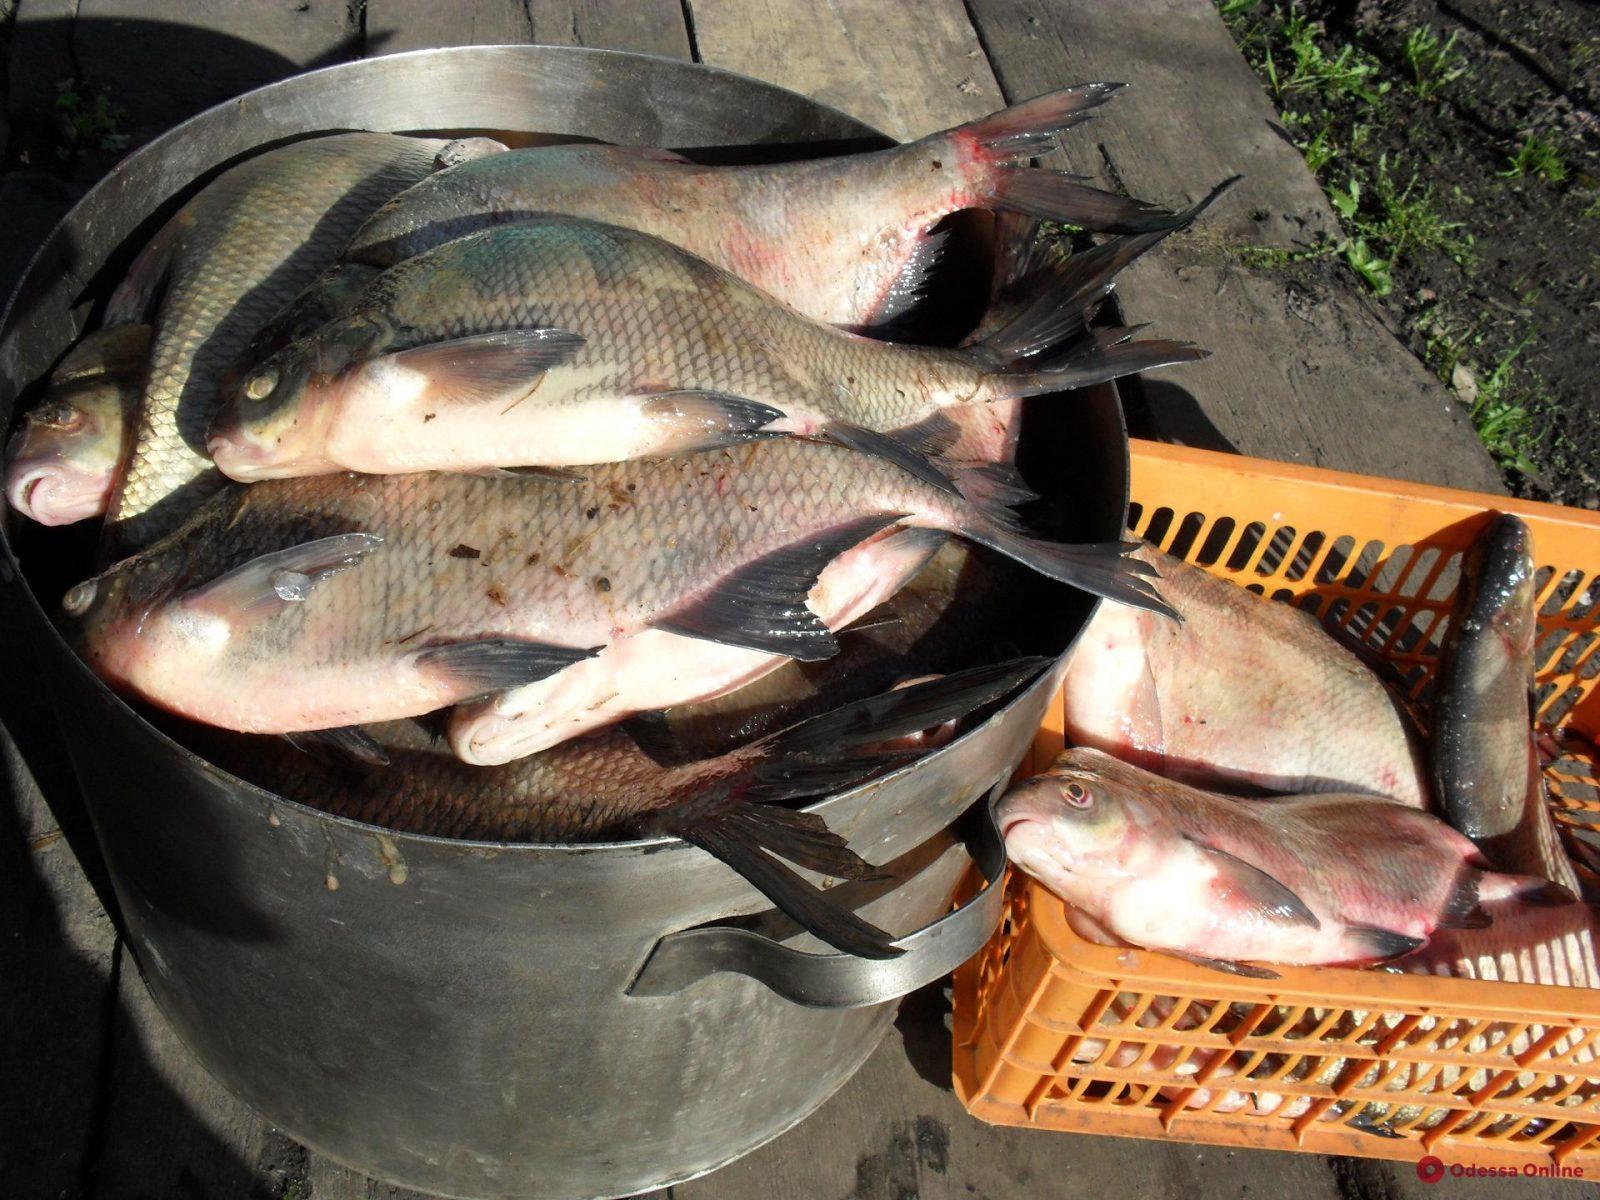 Житель Одесской области хотел незаконно продать 65 килограммов рыбы